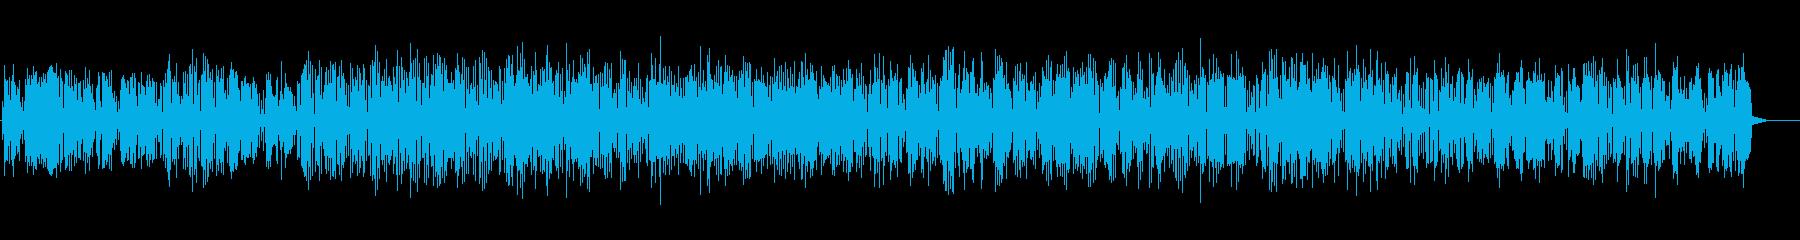 陽気な雰囲気を感じるクラリネットのBGMの再生済みの波形